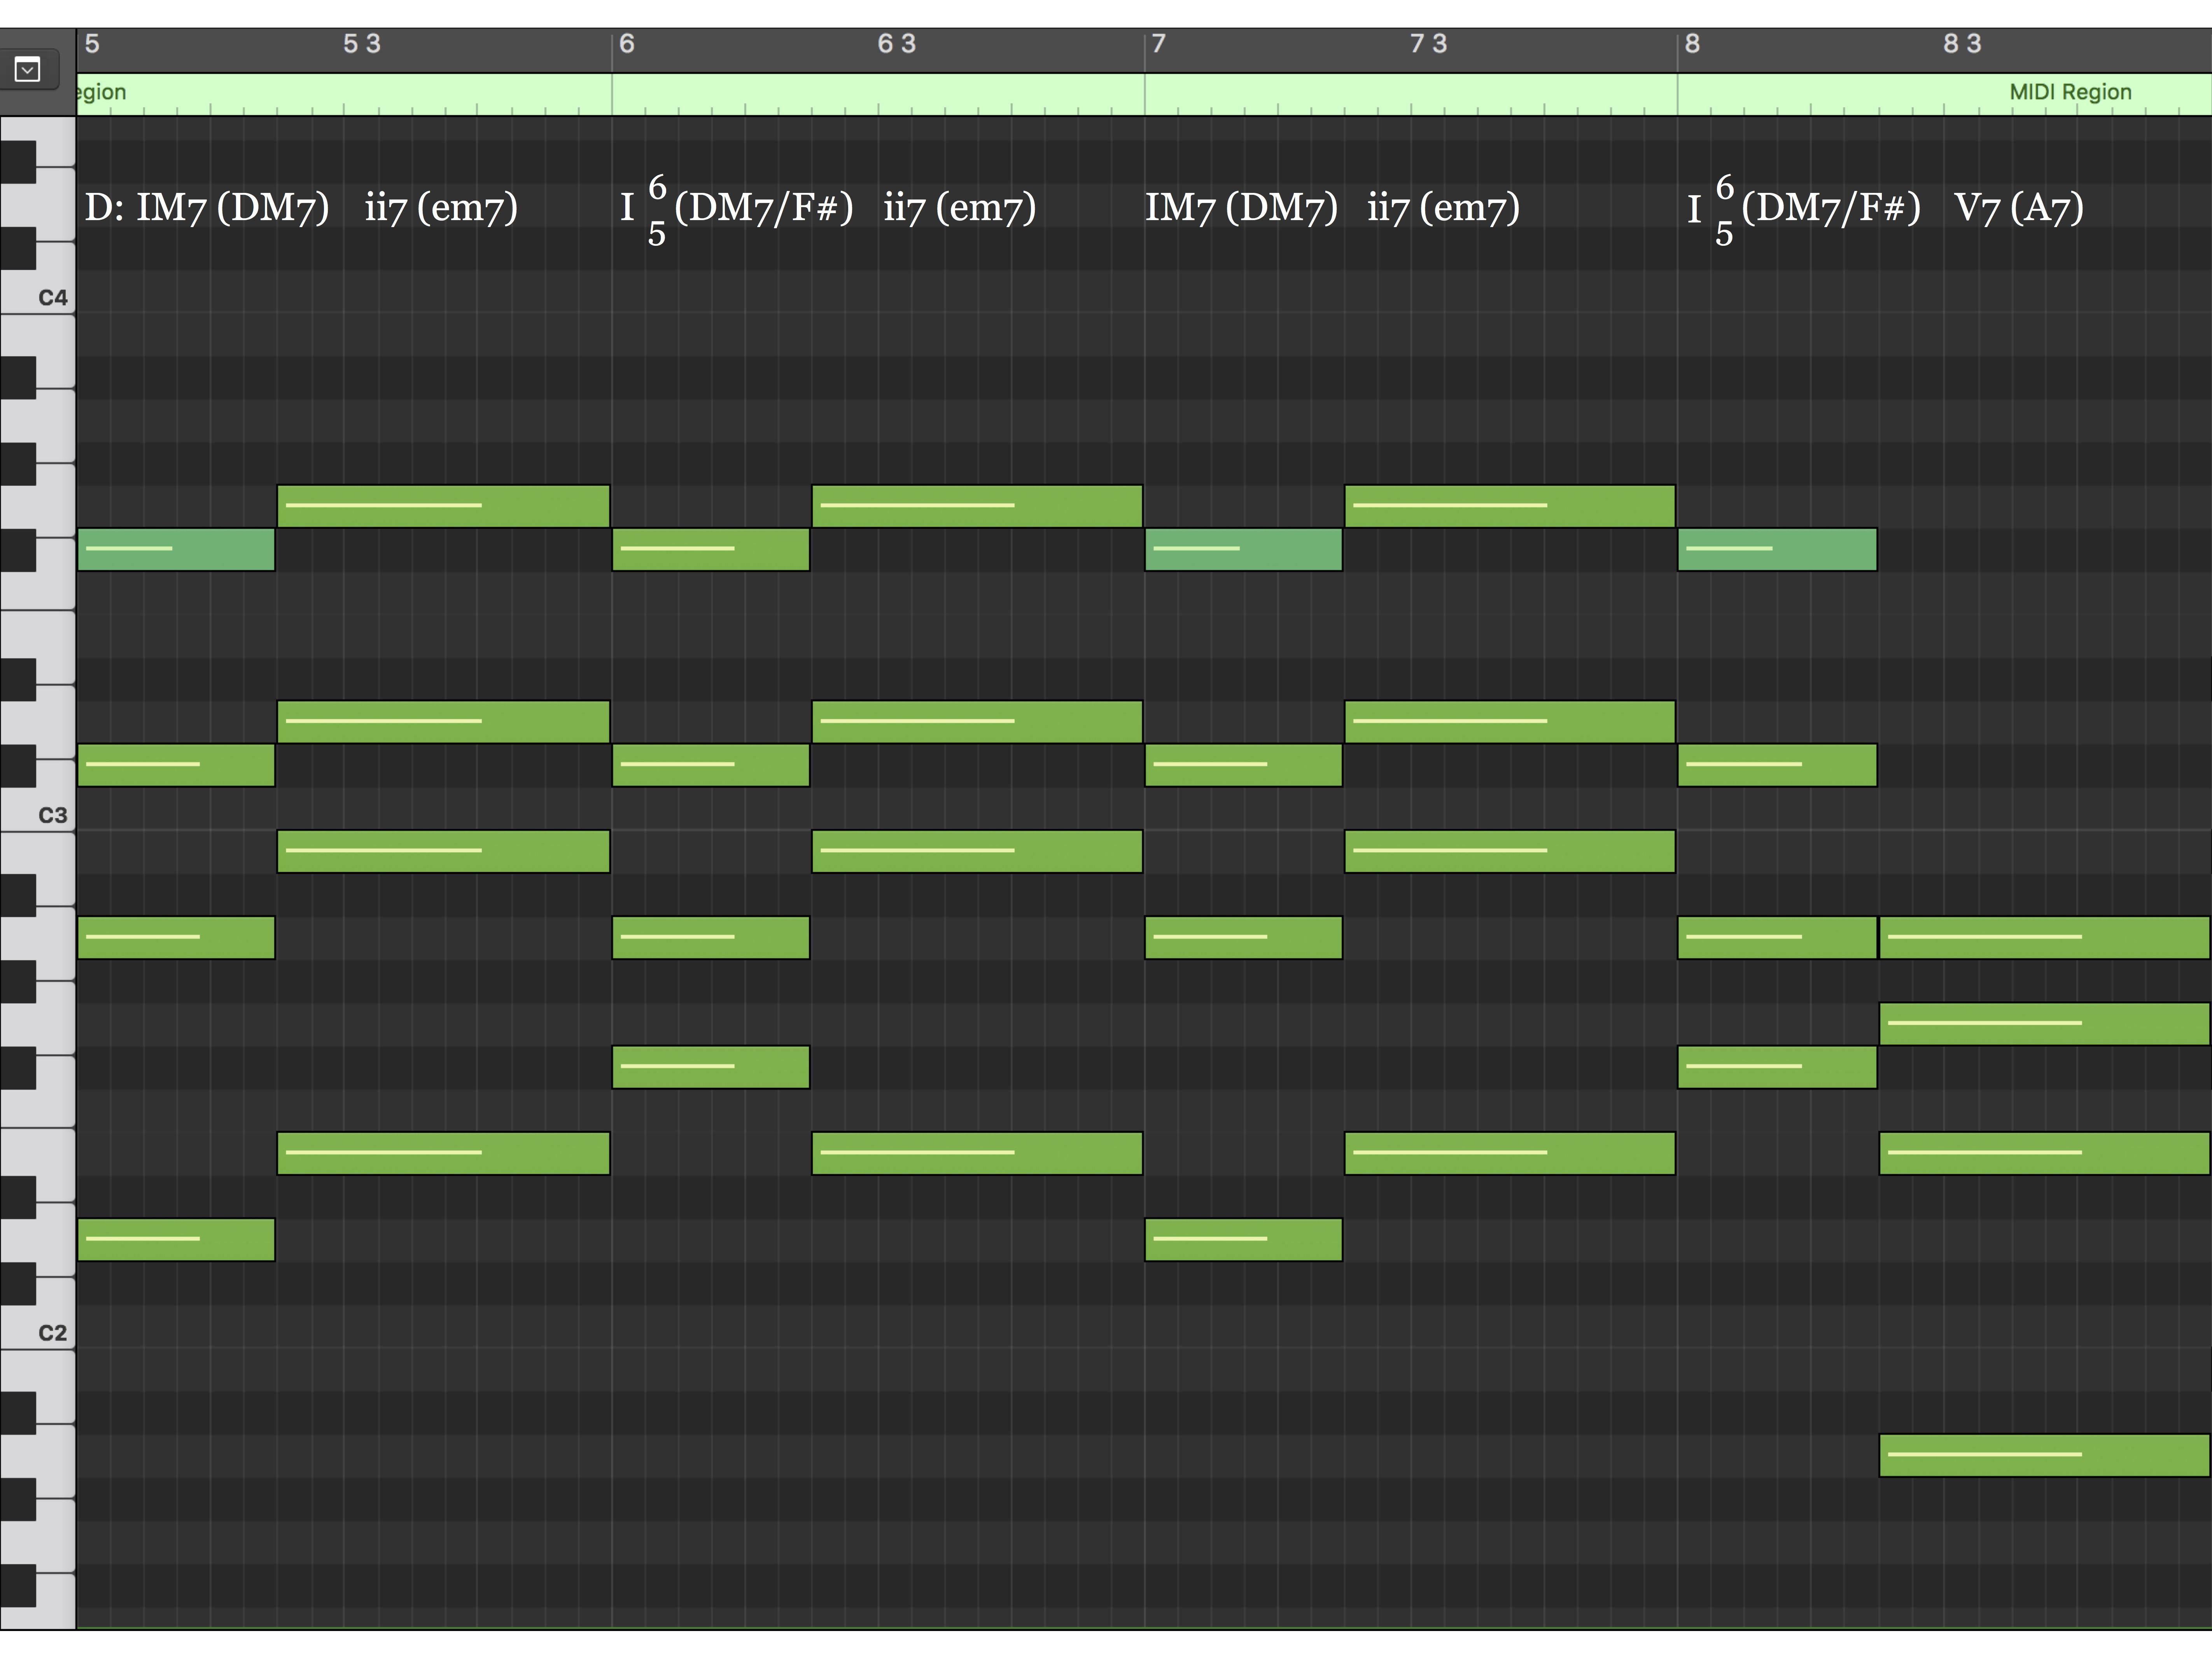 Harmony MIDI Notation (mm. 5 - 8)